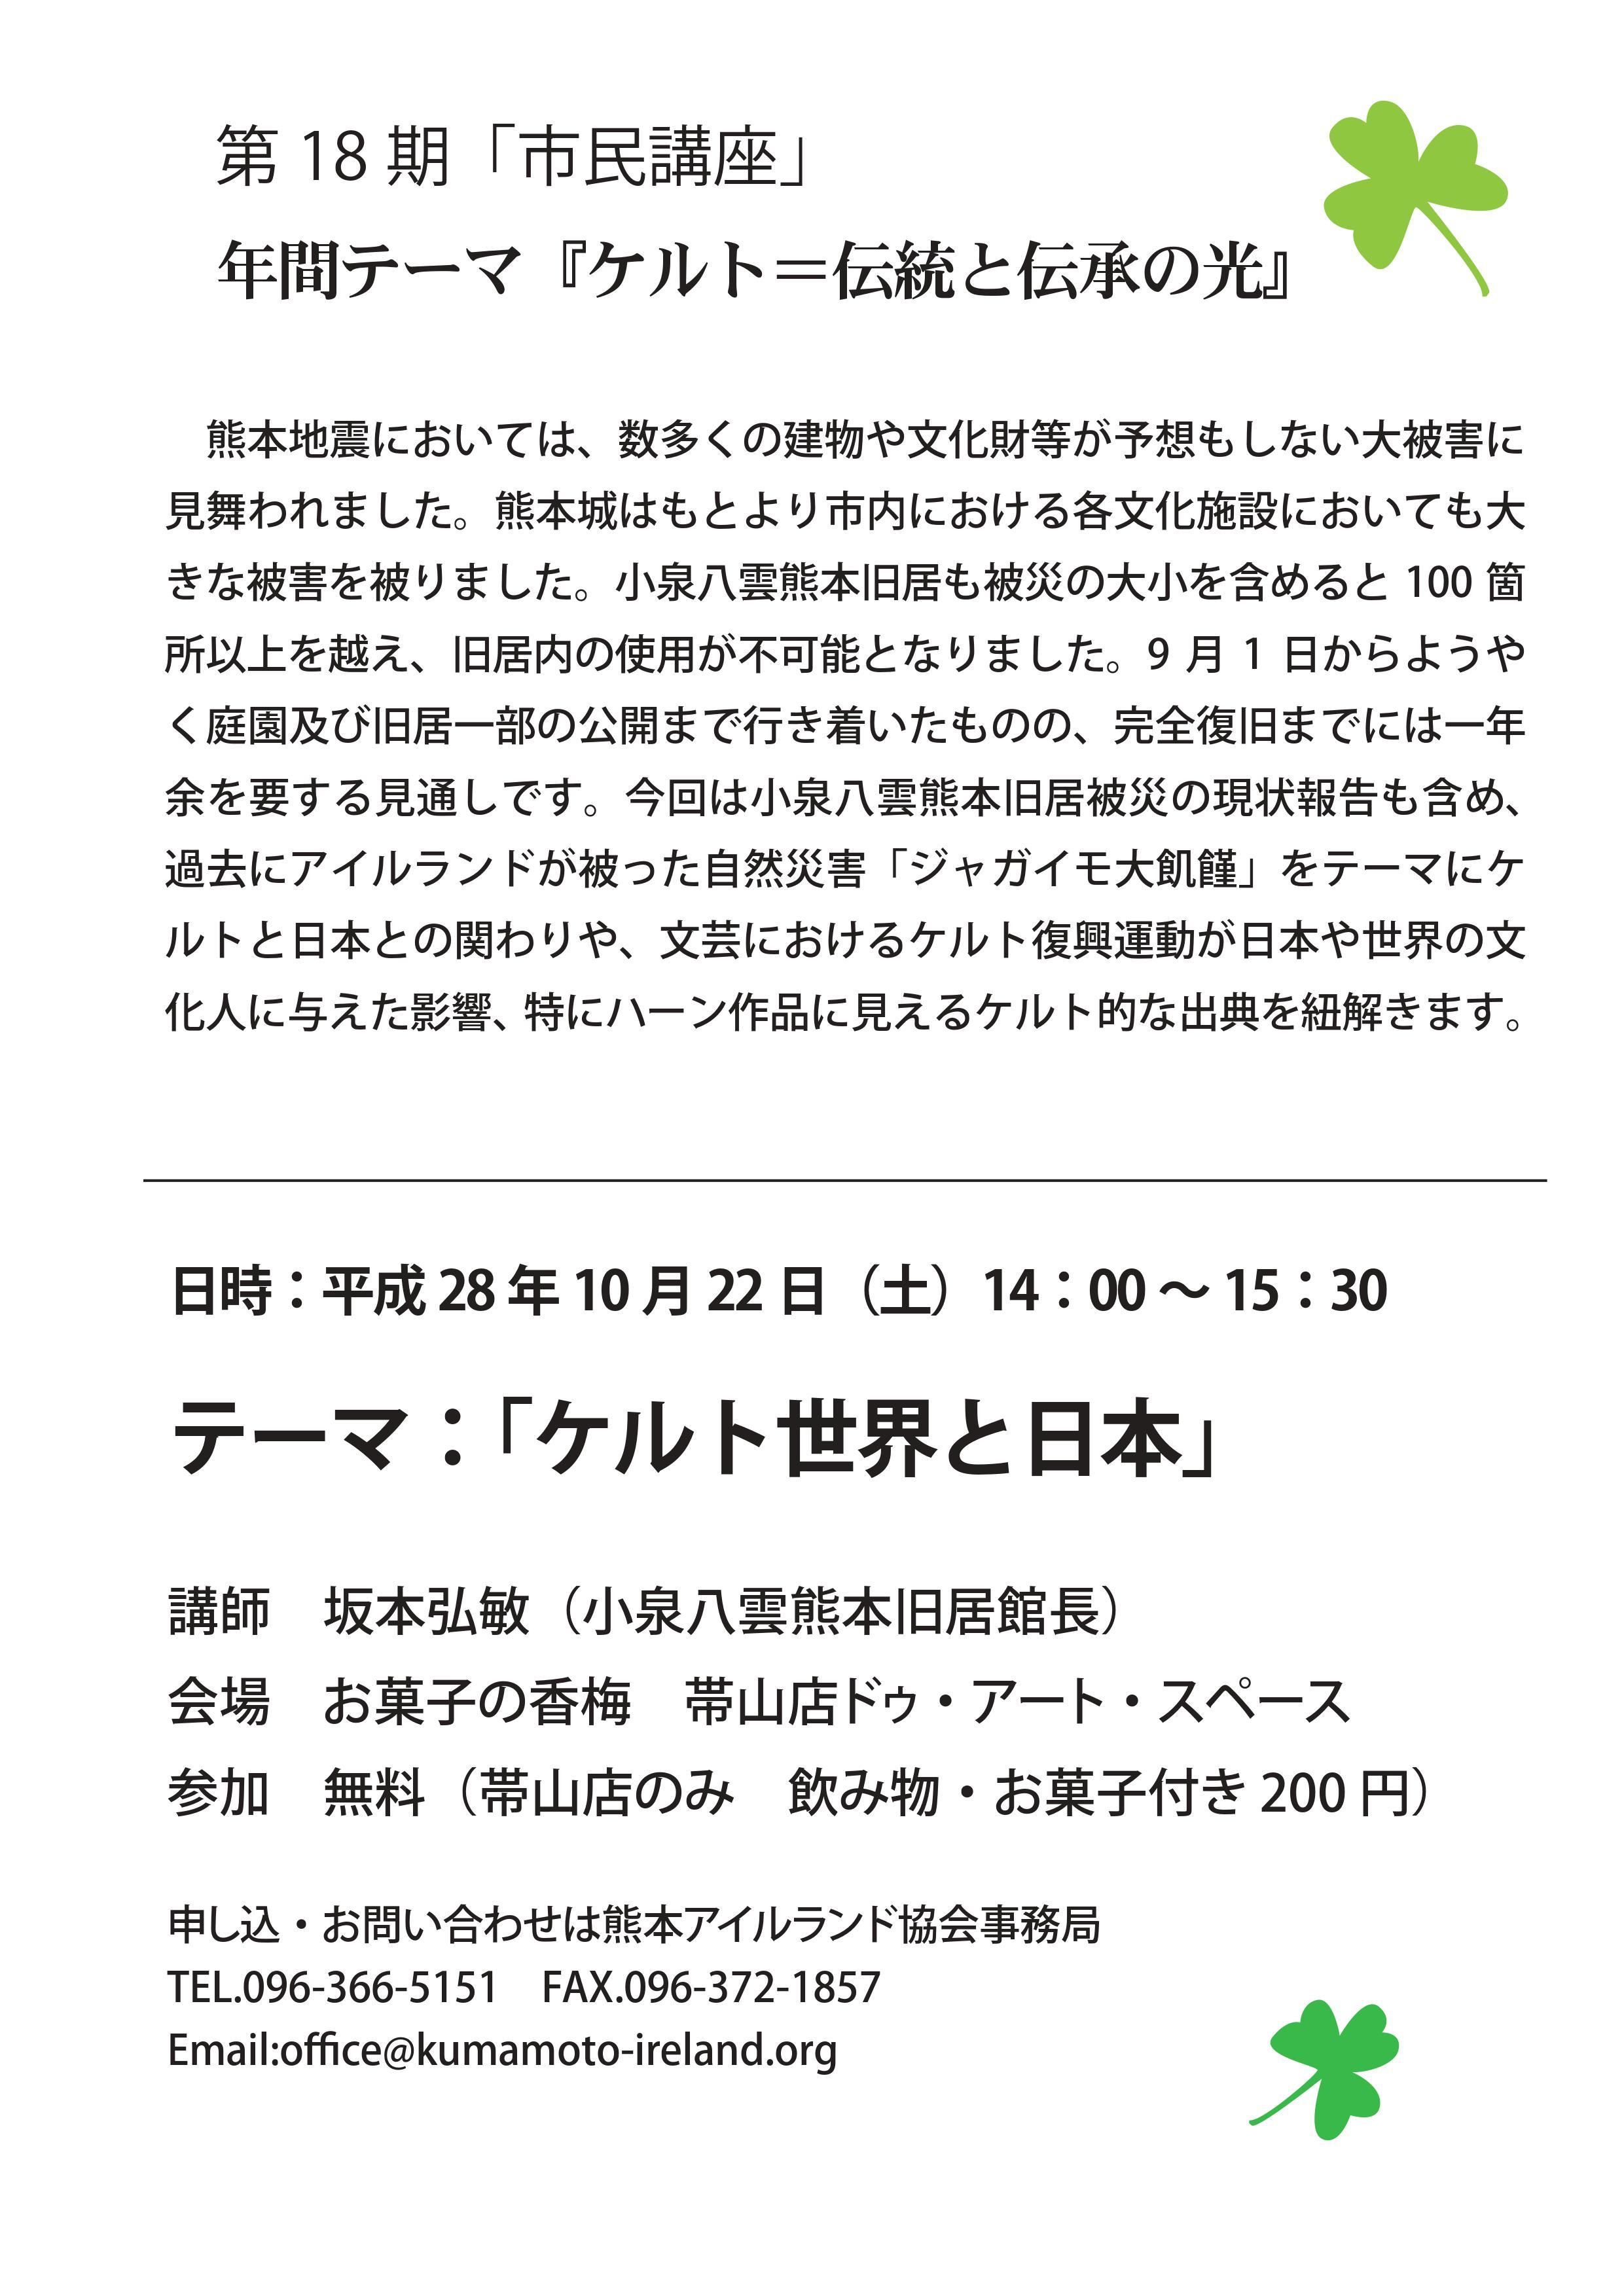 市民講座「ケルト世界と日本」